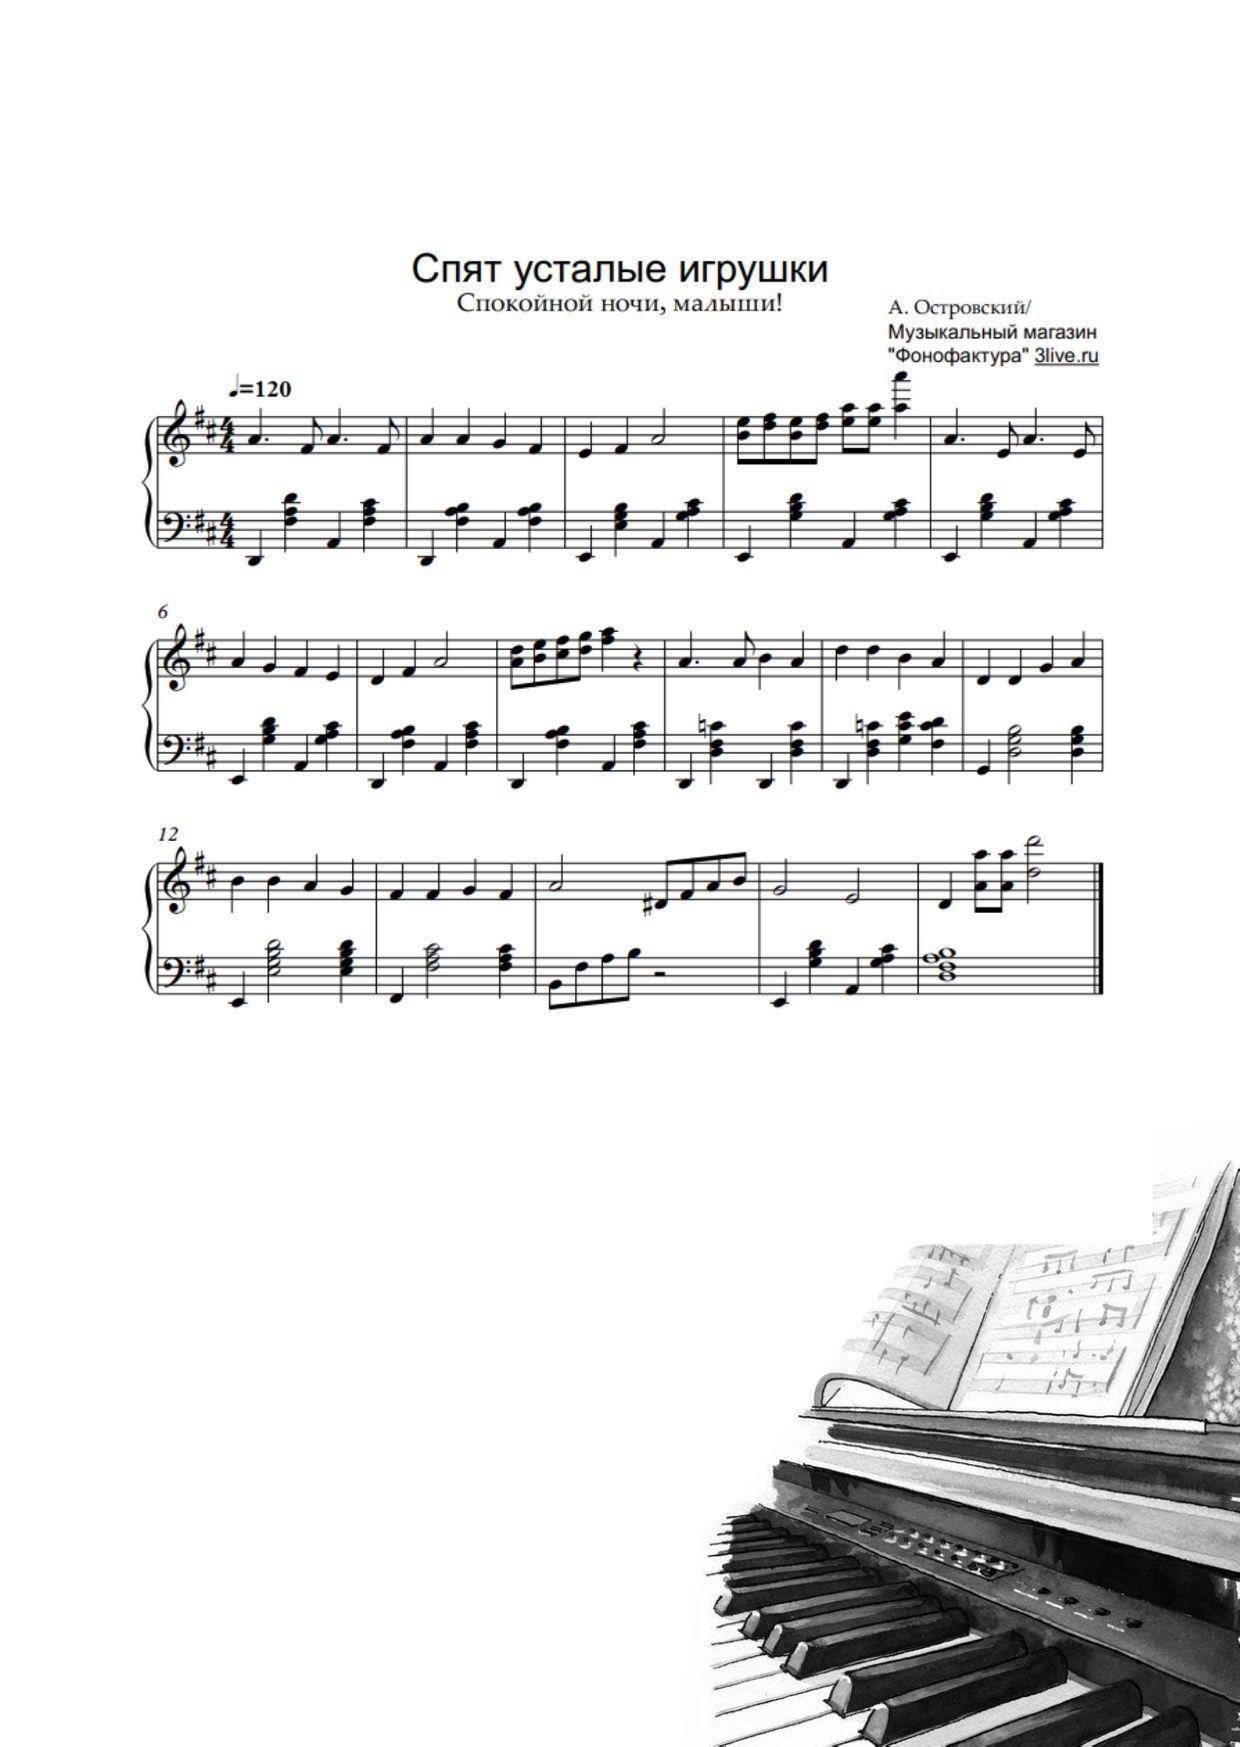 Noty Arkadij Ostrovskij Spyat Ustalye Igrushki Spokojnoj Nochi Malyshi Pianino Solo Fortepiano Noty Fortepiano Noty